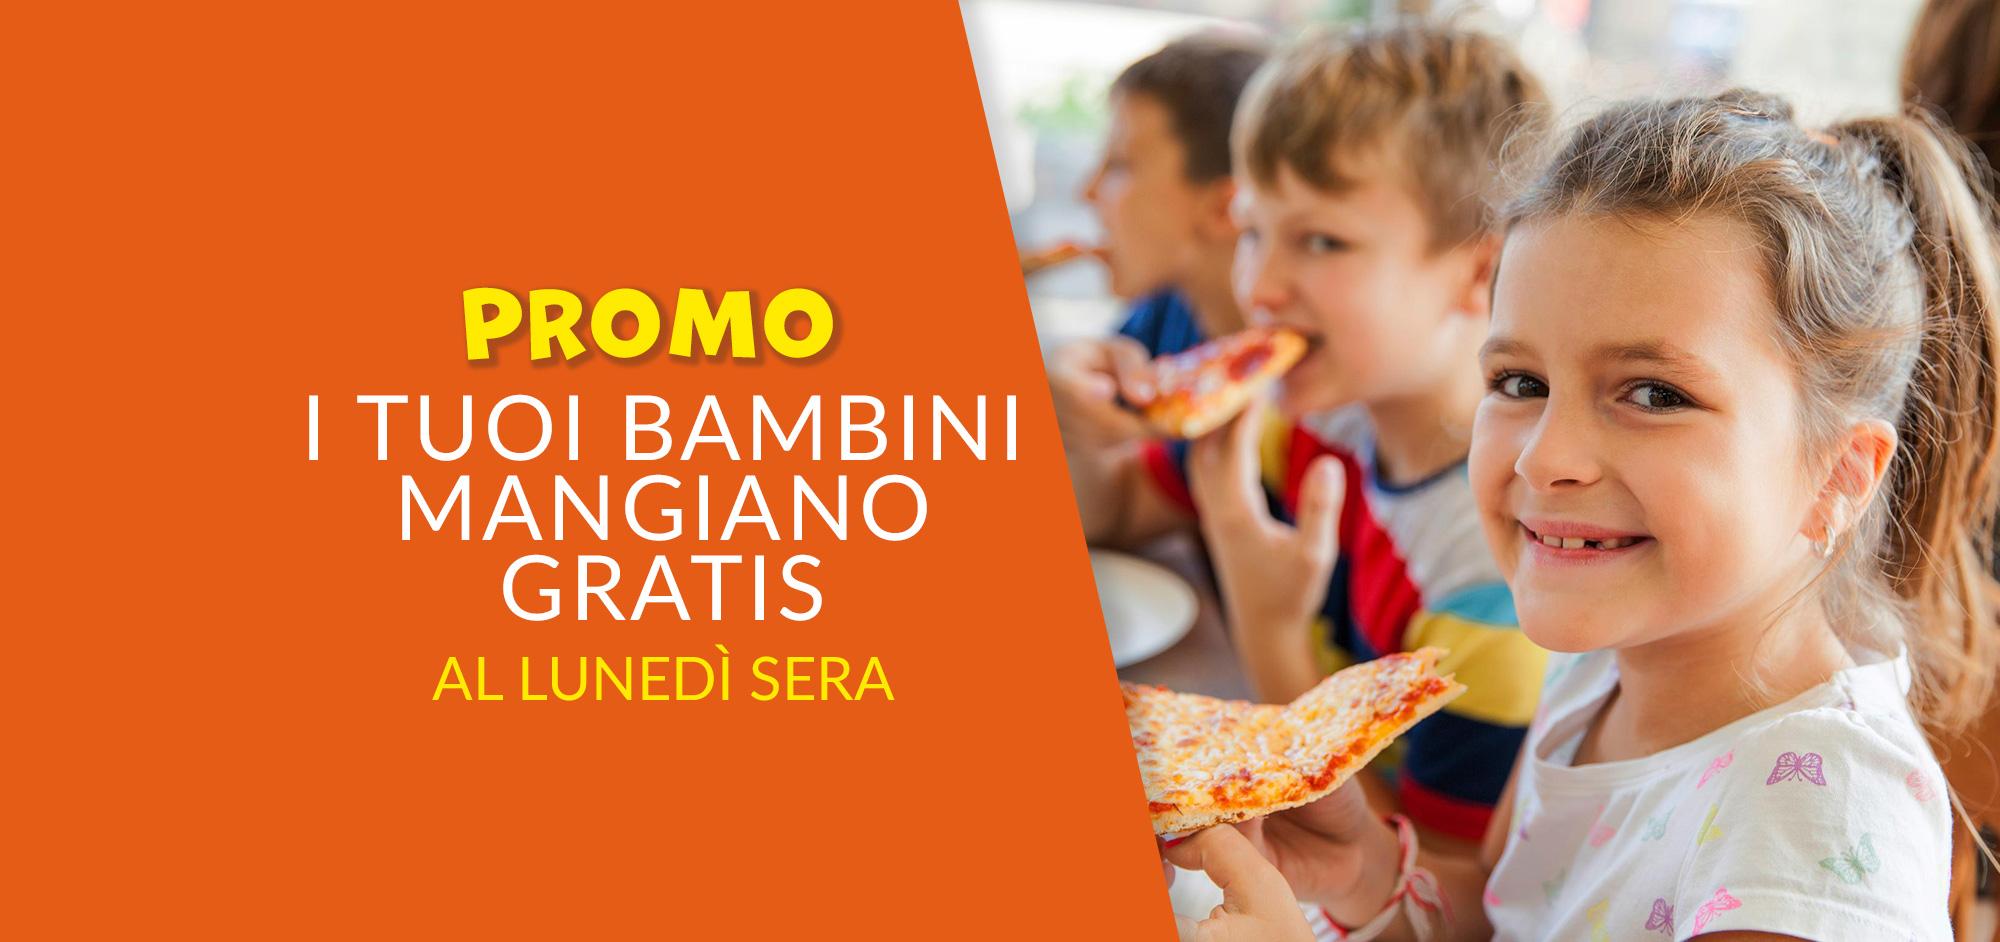 Promozione bambini lunedì sera gratis San Michele